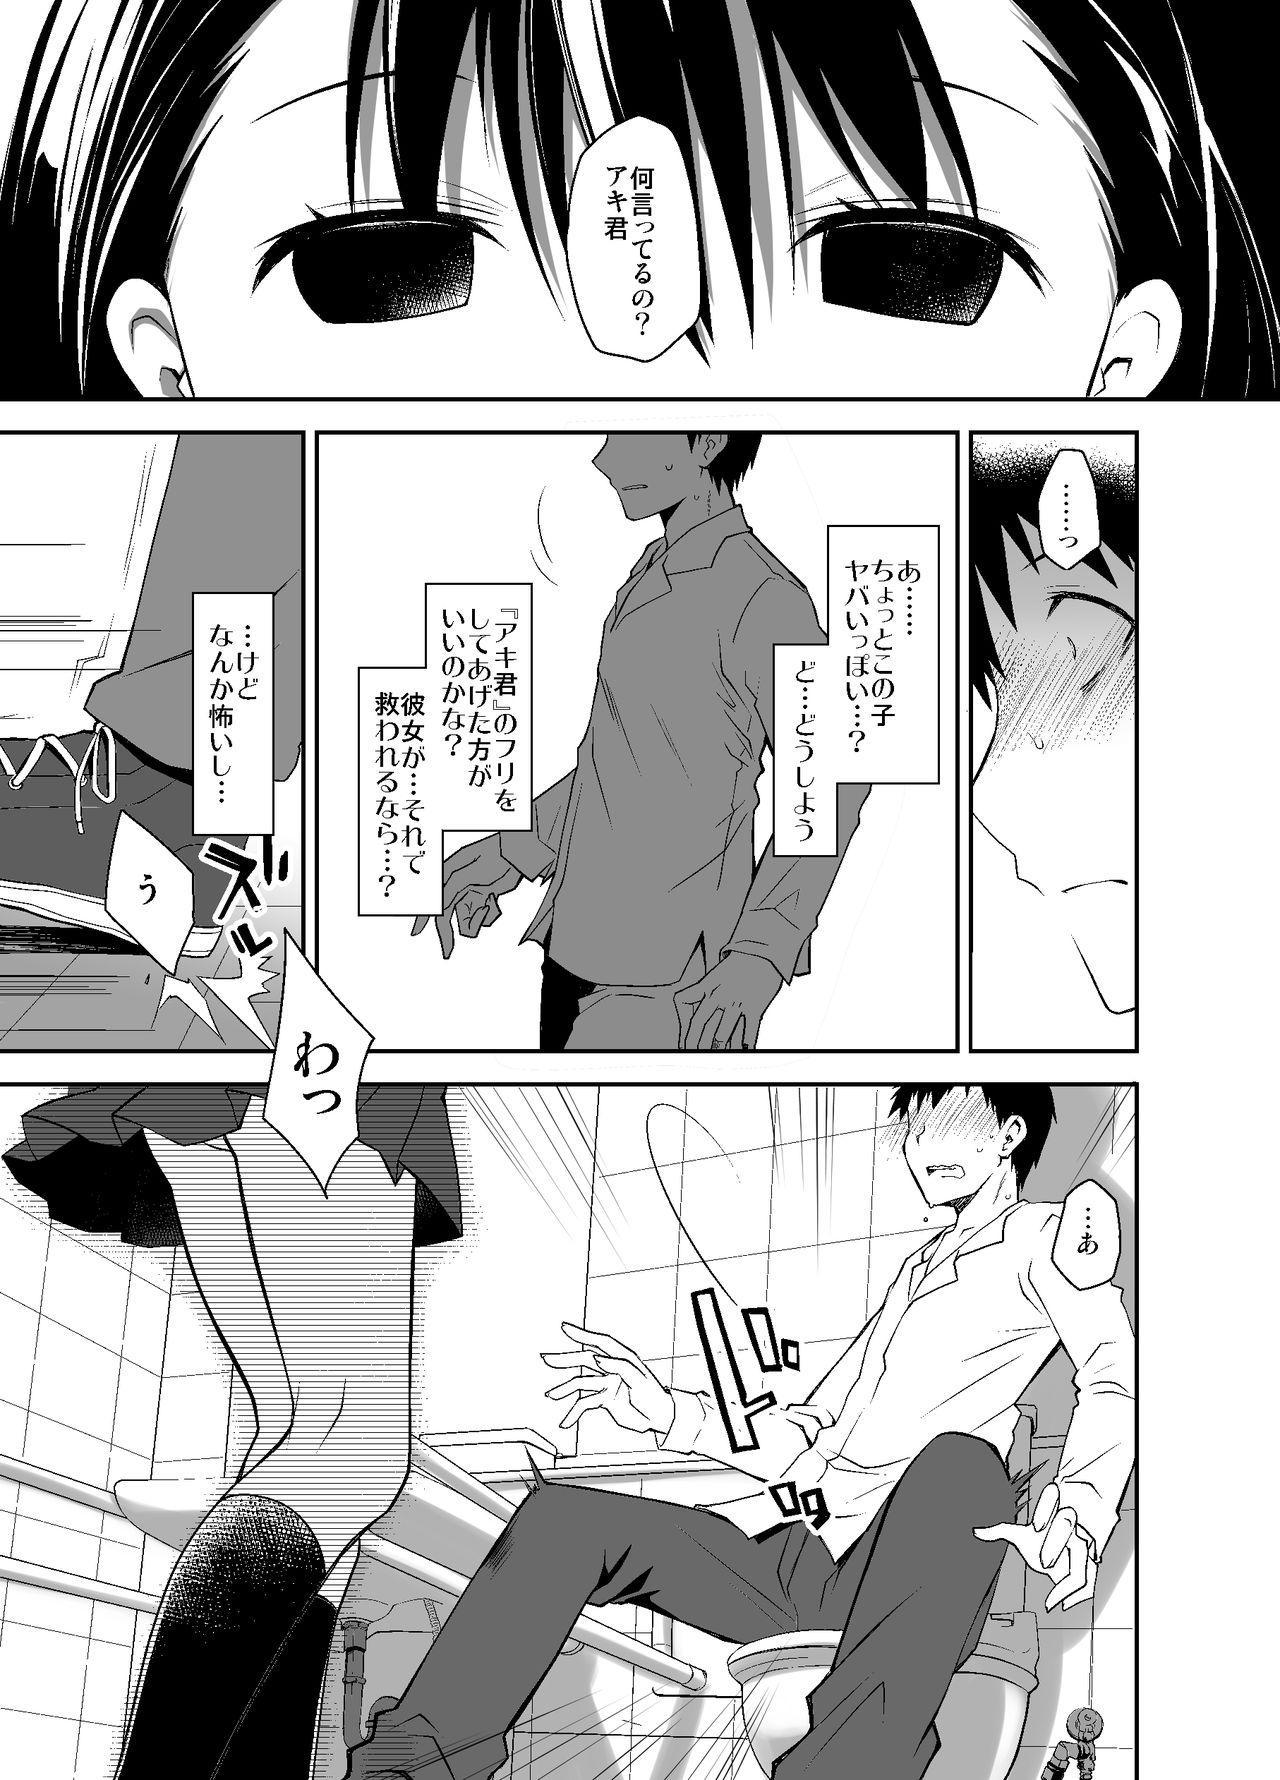 Uso no Kimi to Anoko no Himitsu 19